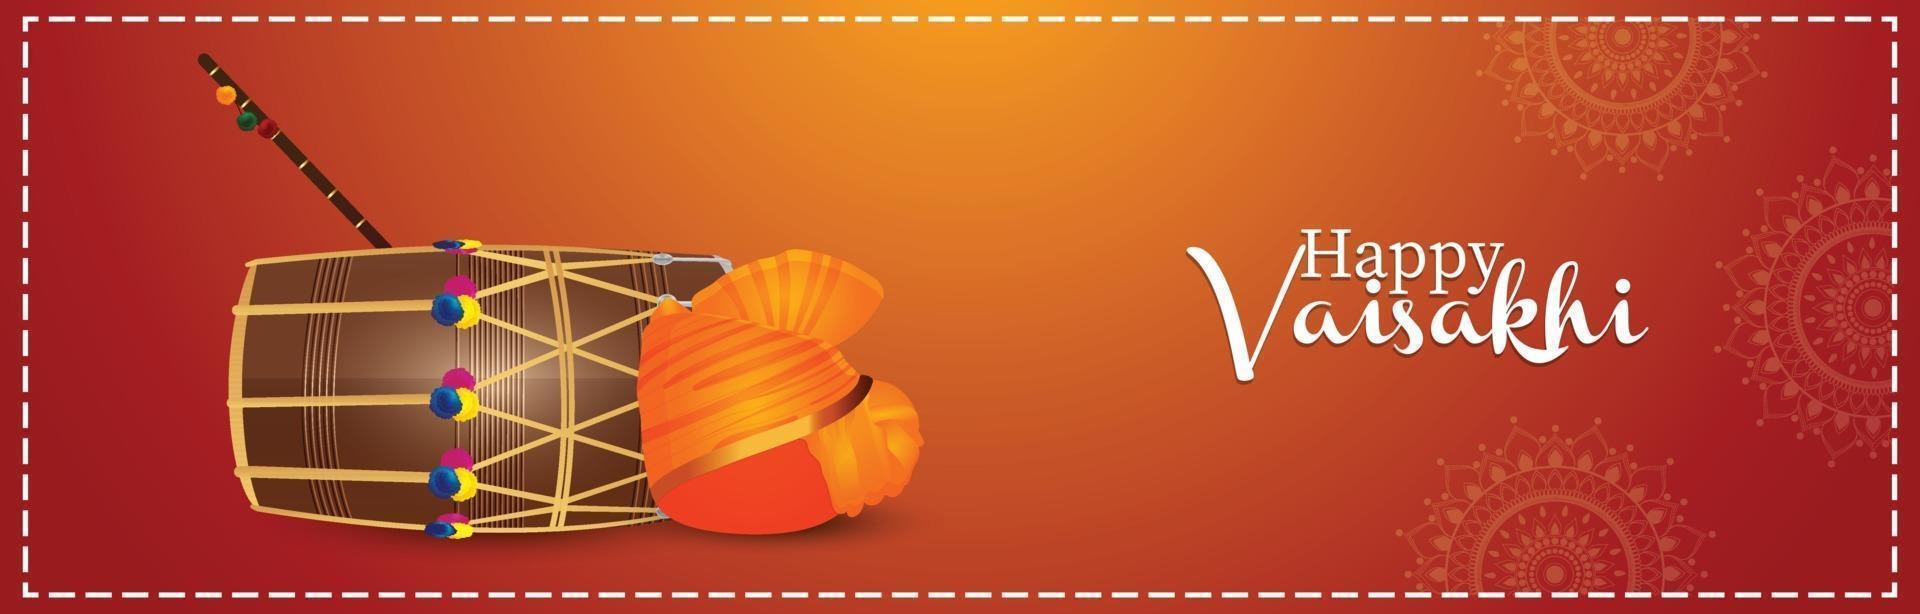 feliz celebración vaisakhi banner o encabezado vector